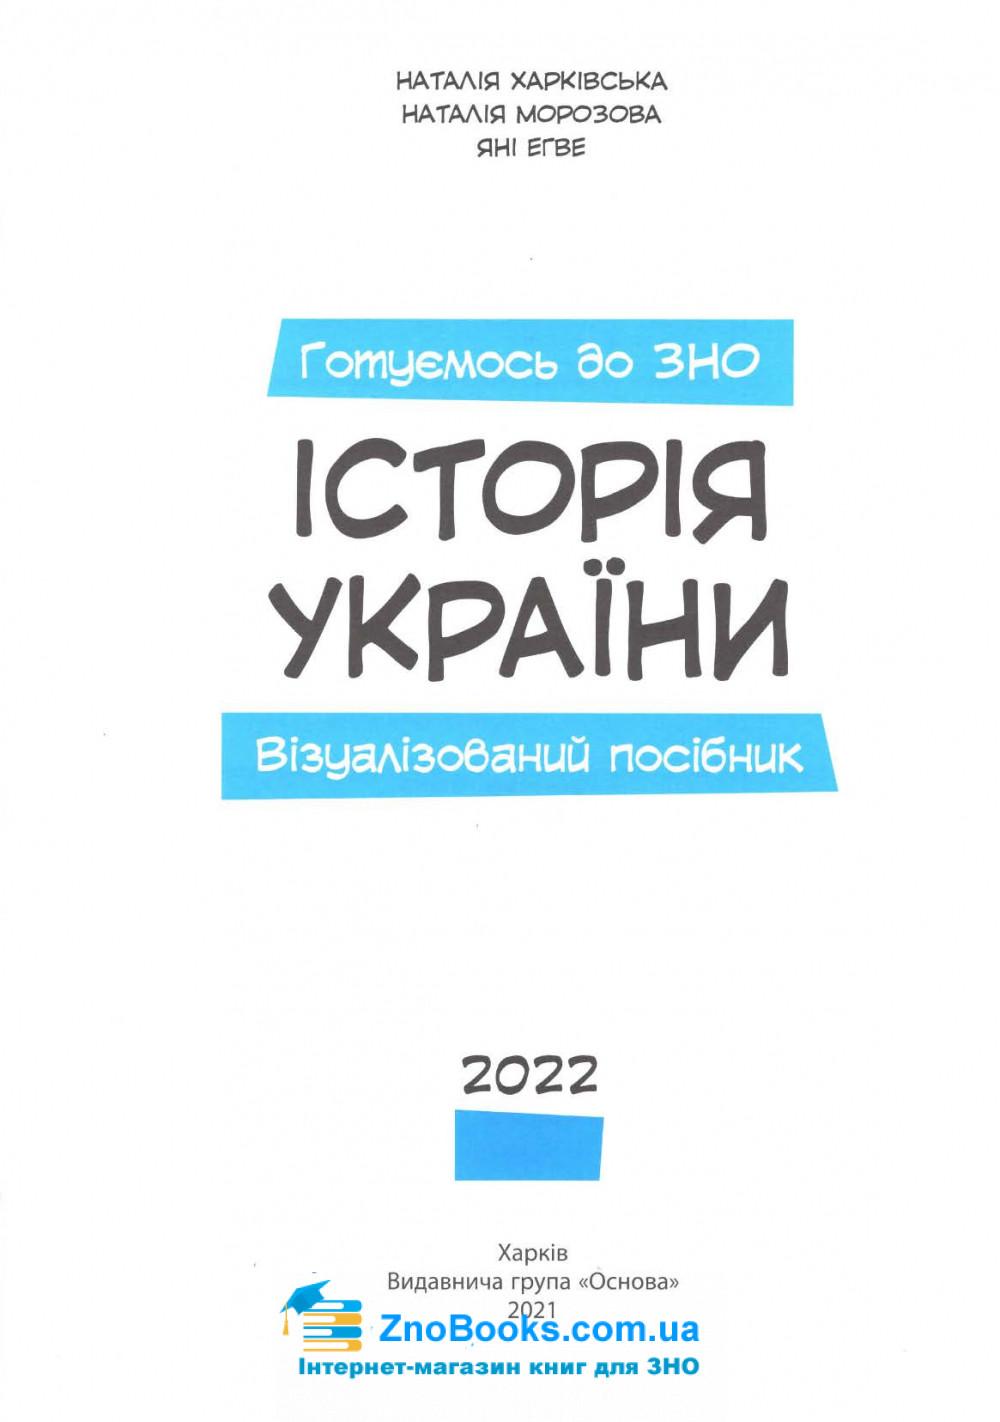 Візуалізований посібник. Історія України ЗНО 2022 : Харківська Н., Морозова Н., Егве Я. Основа. 1